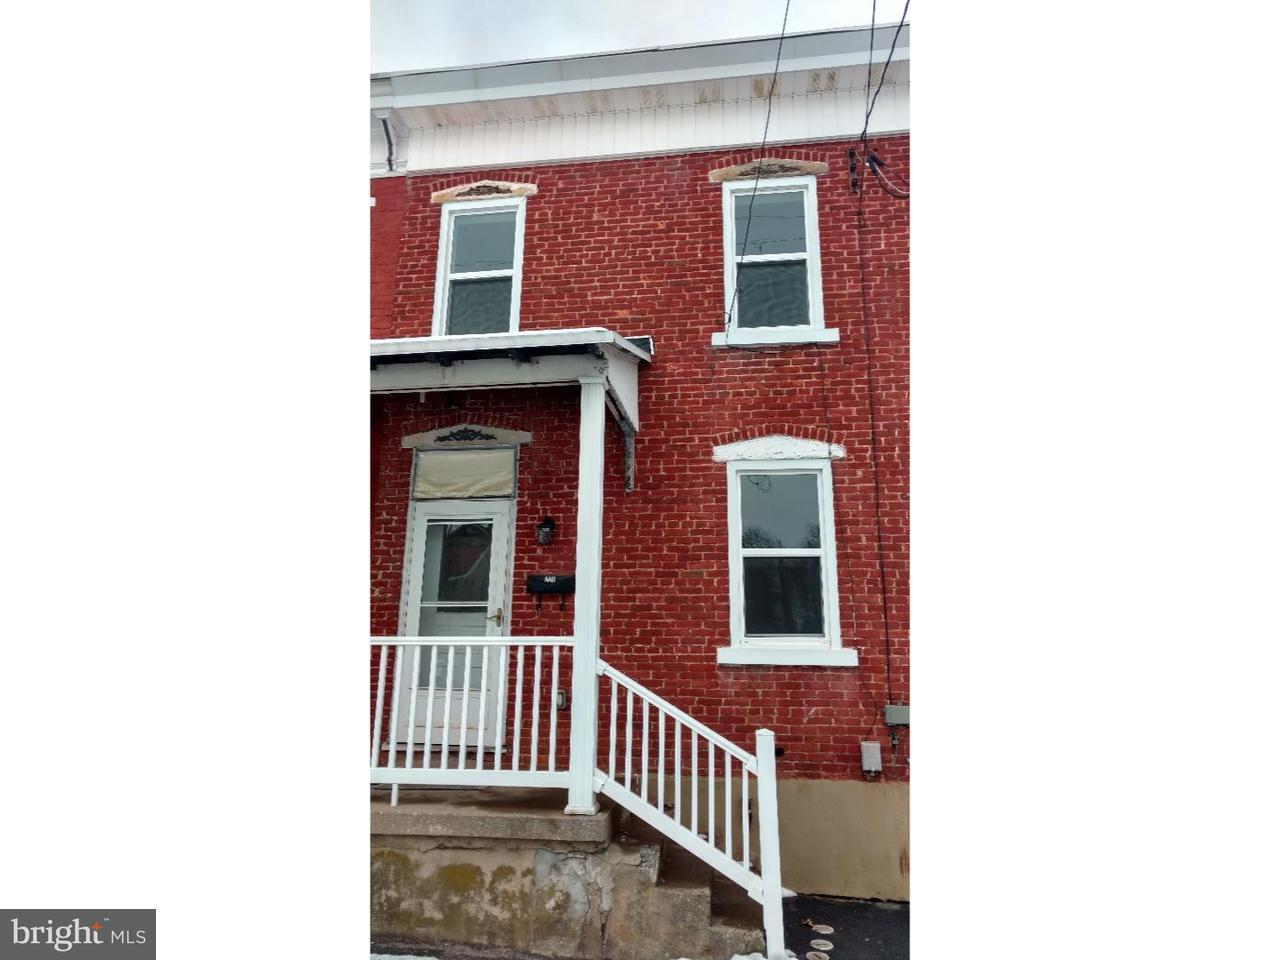 Casa unifamiliar adosada (Townhouse) por un Alquiler en 231 N WALBORN Avenue Orwigsburg, Pennsylvania 17961 Estados Unidos